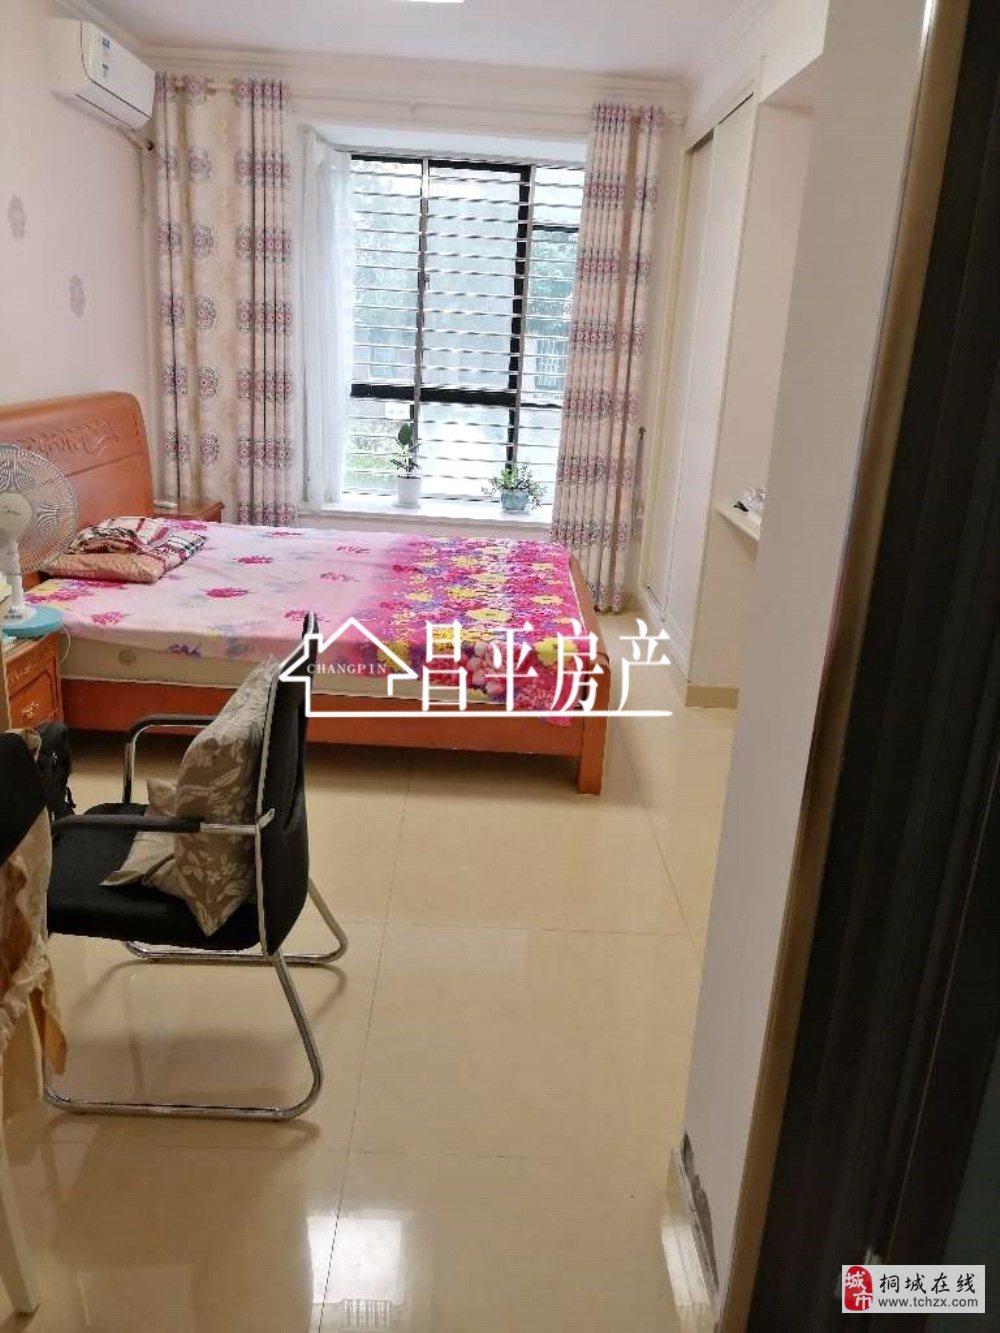 七里香溪精装好房自带8平左右独立小院子